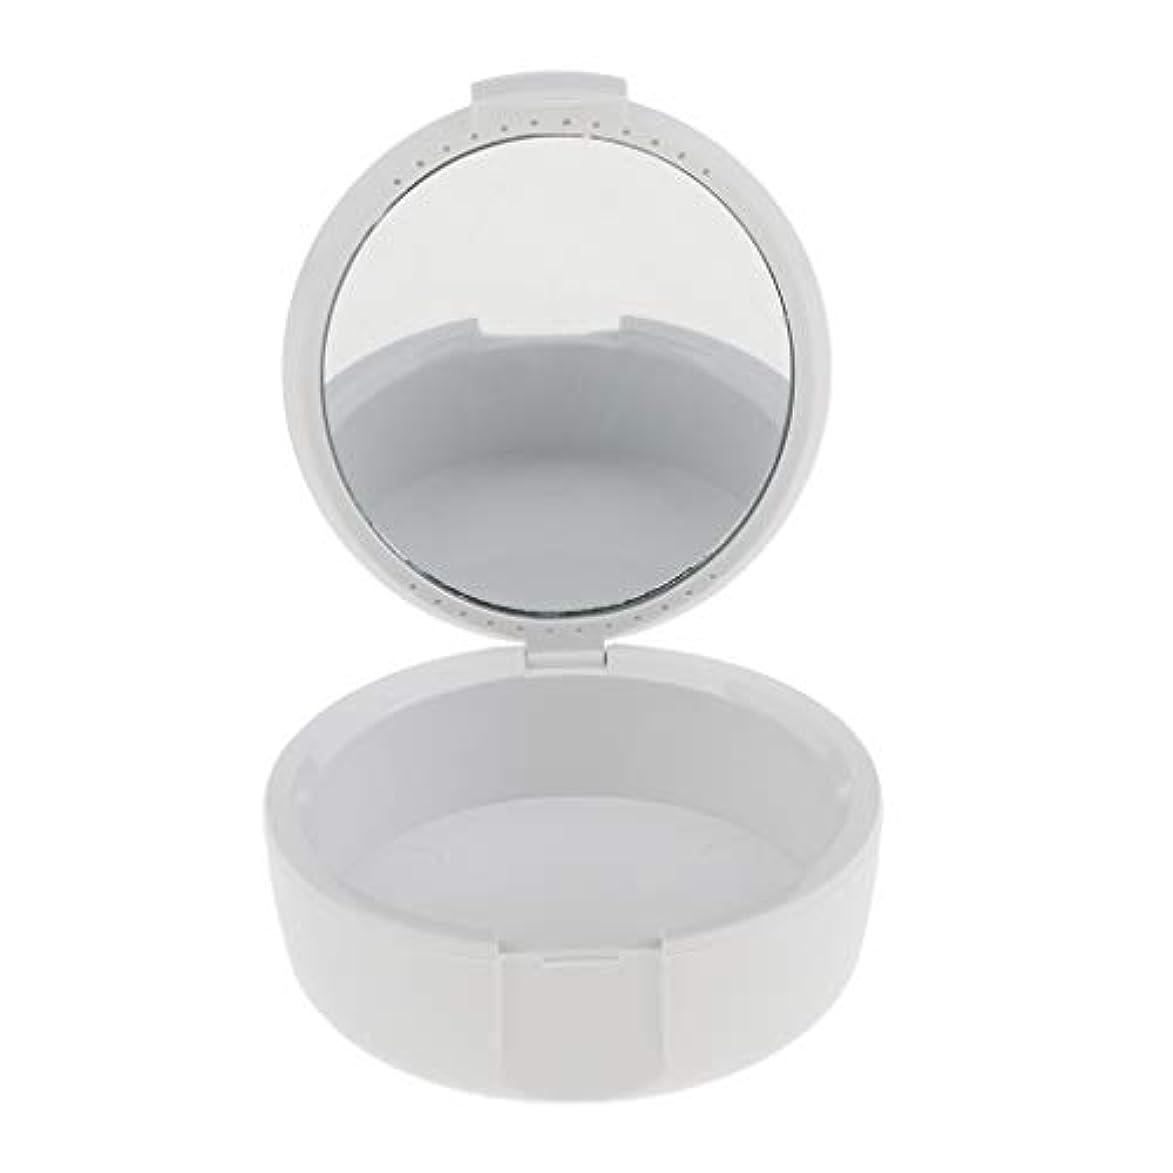 大祝福する論理的にD DOLITY 義歯ケース マウスガードケース ミラー付き 便利 2色選べ - 白